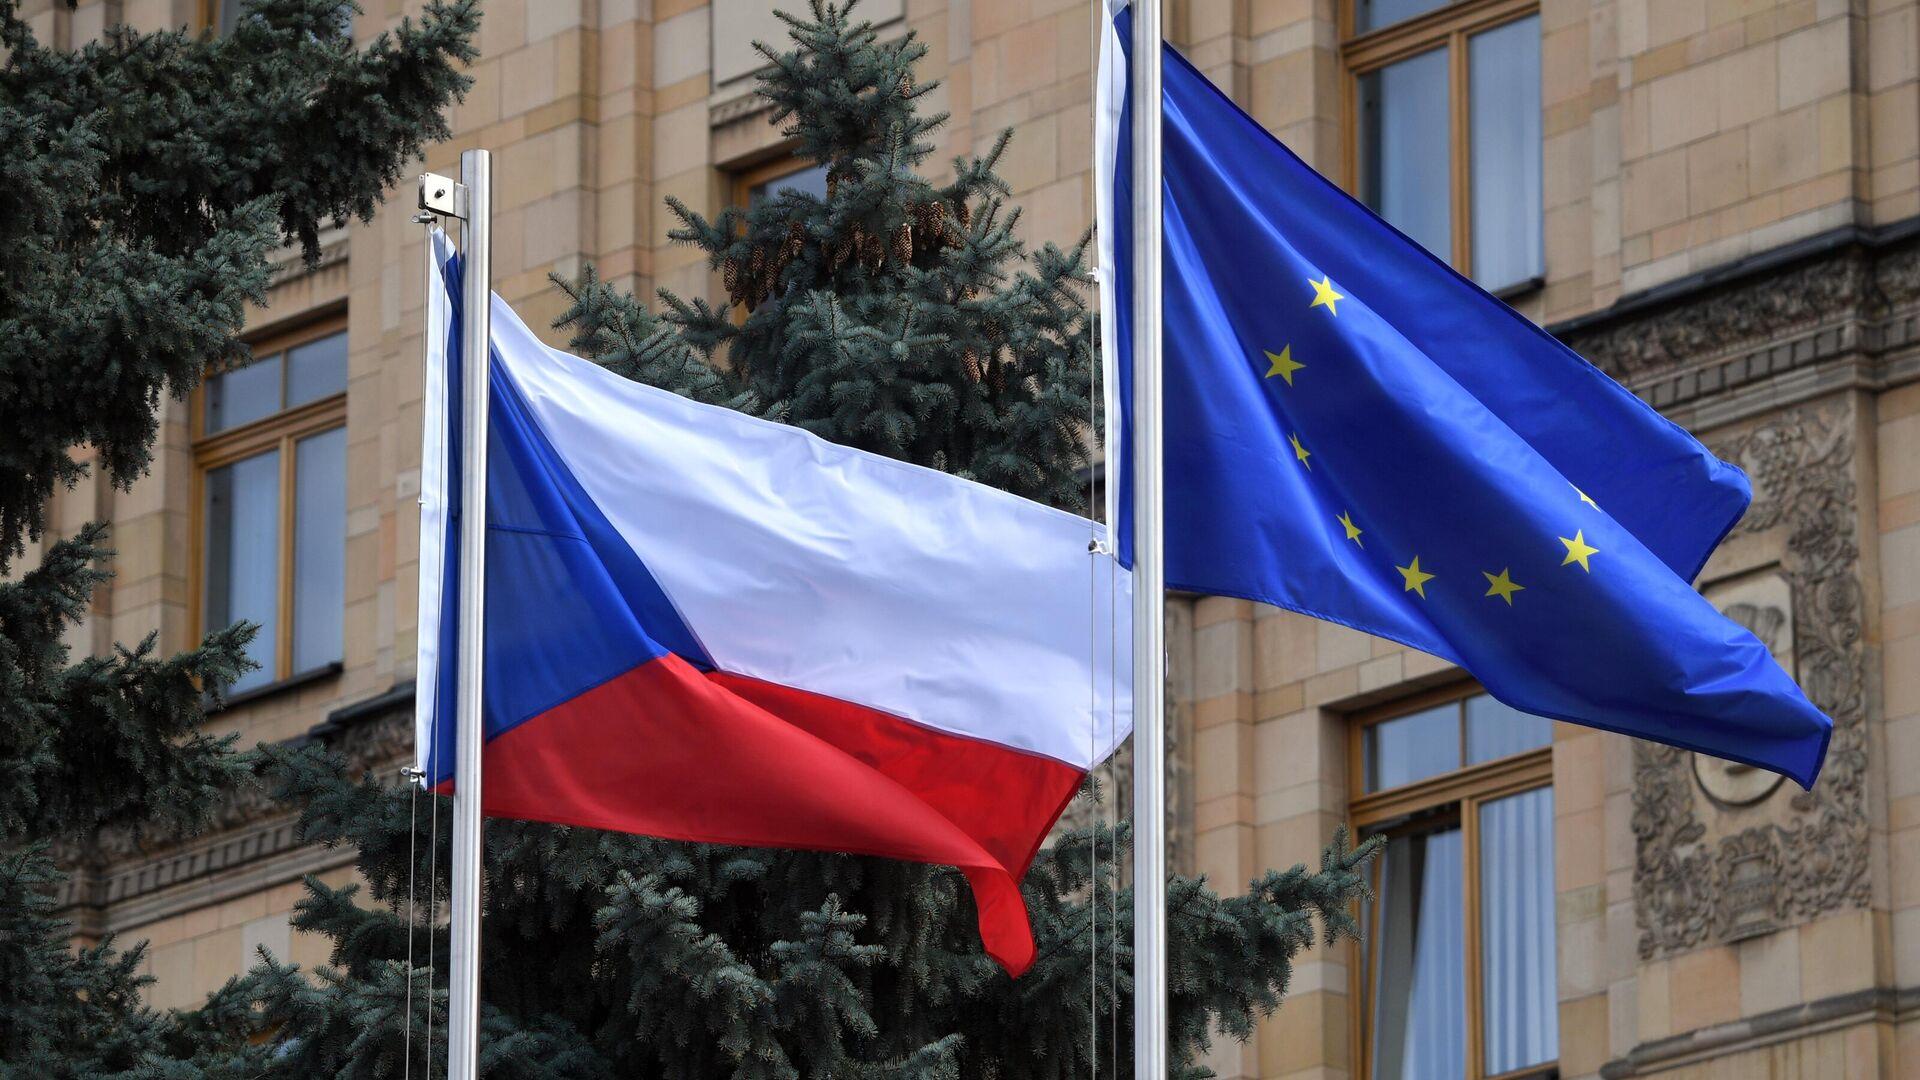 Флаги Чешской Республики и Евросоюза на территории посольства Чехии в Москве - РИА Новости, 1920, 26.04.2021